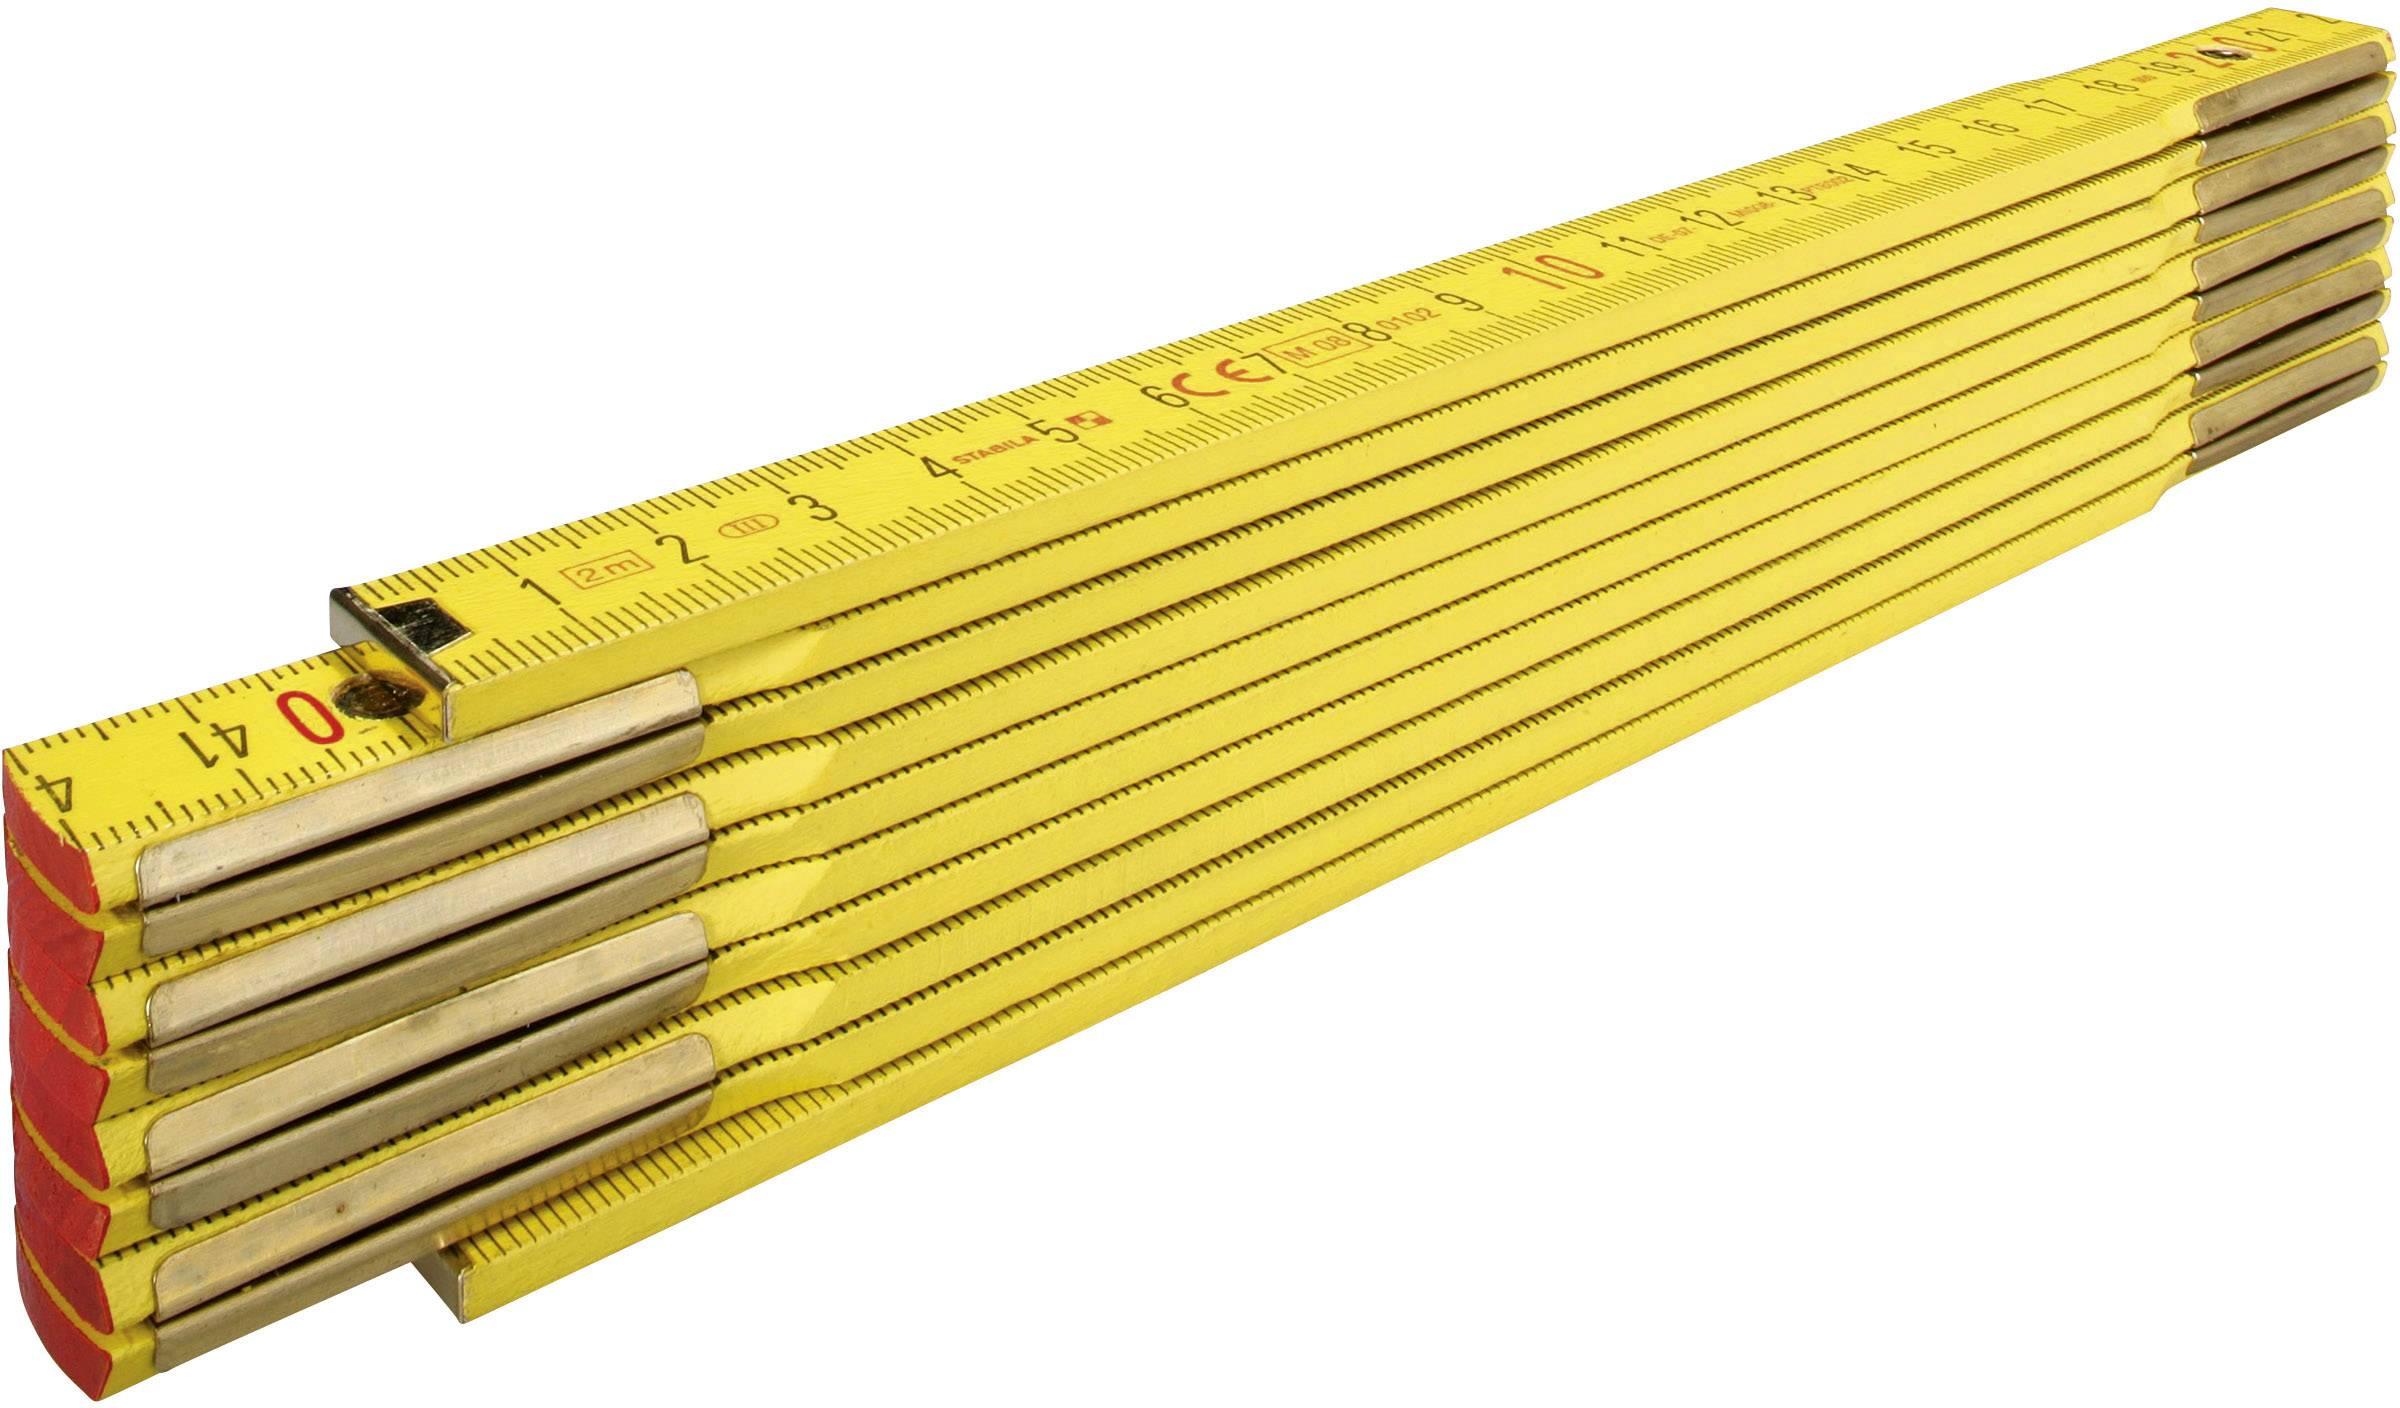 Skládací metr 2 m Stabila 907 907, bukové dřevo